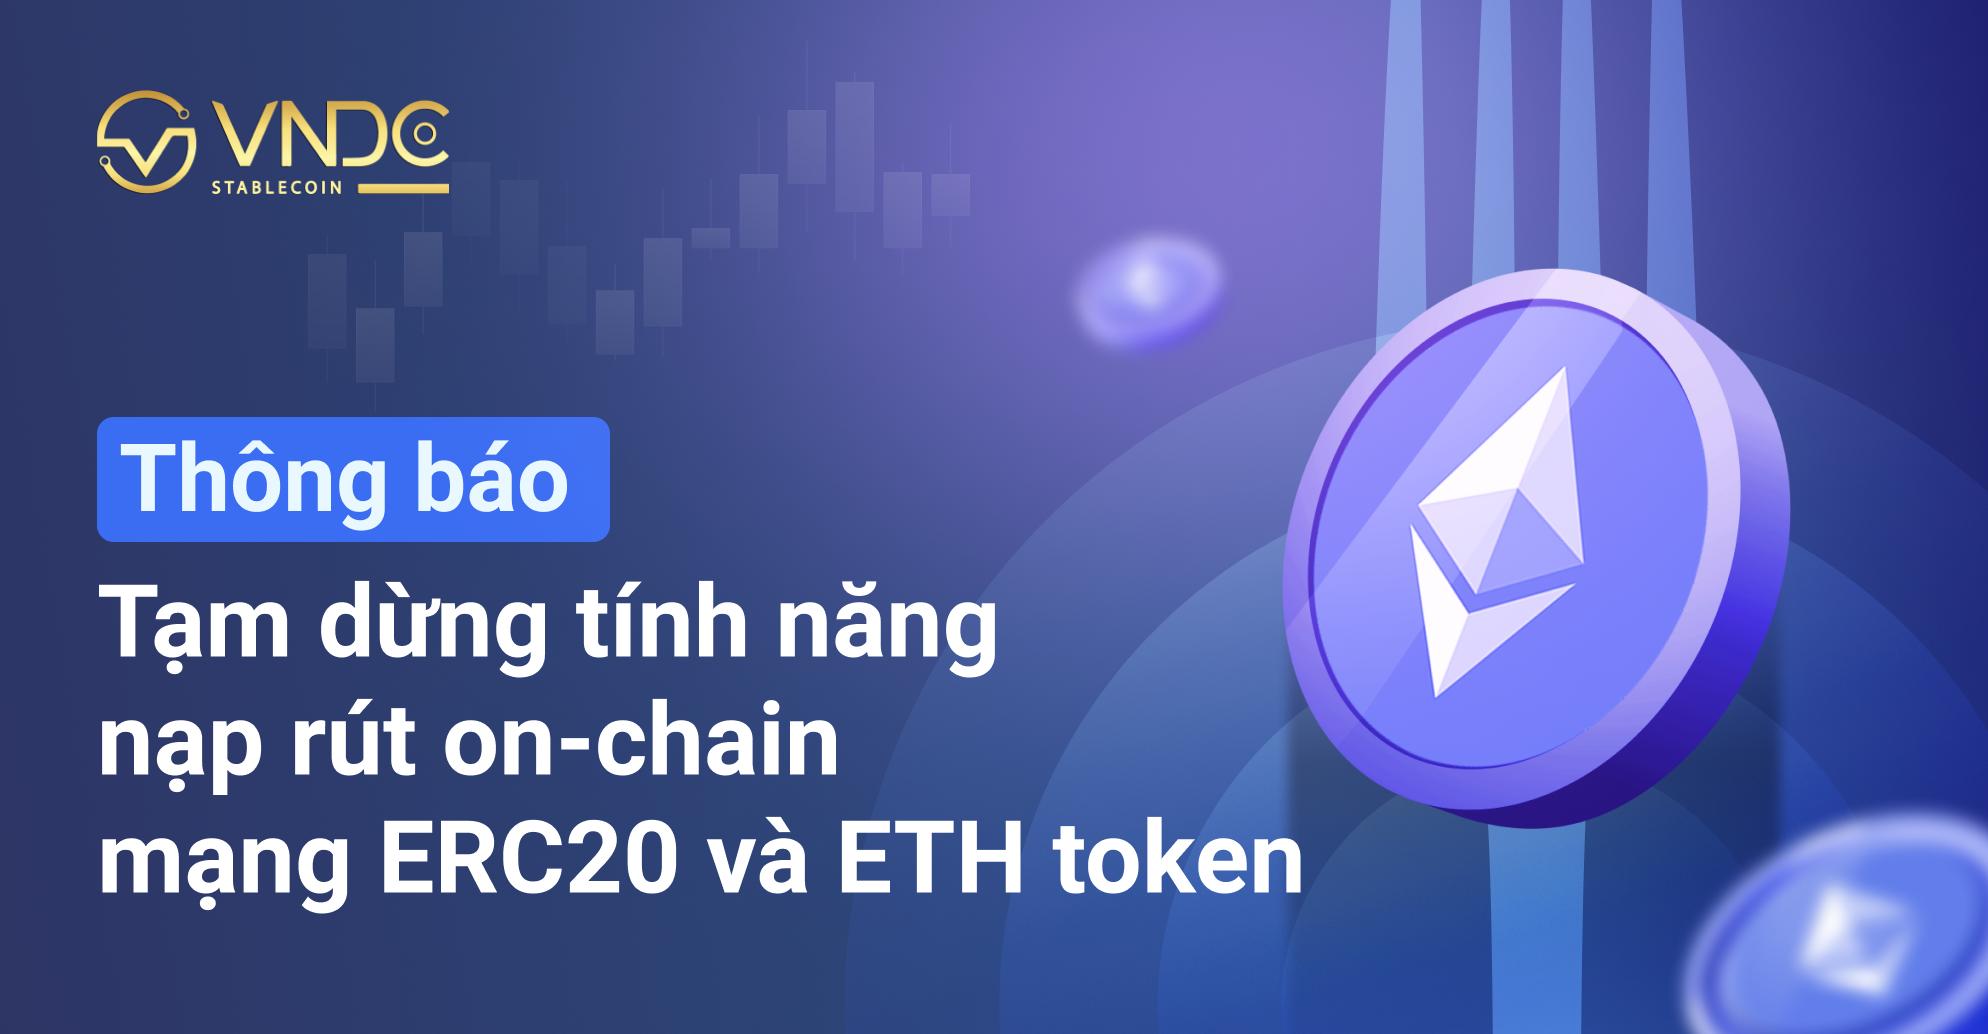 Tạm dừng tính năng nạp rút On-chain mạng ERC20 và ETH token